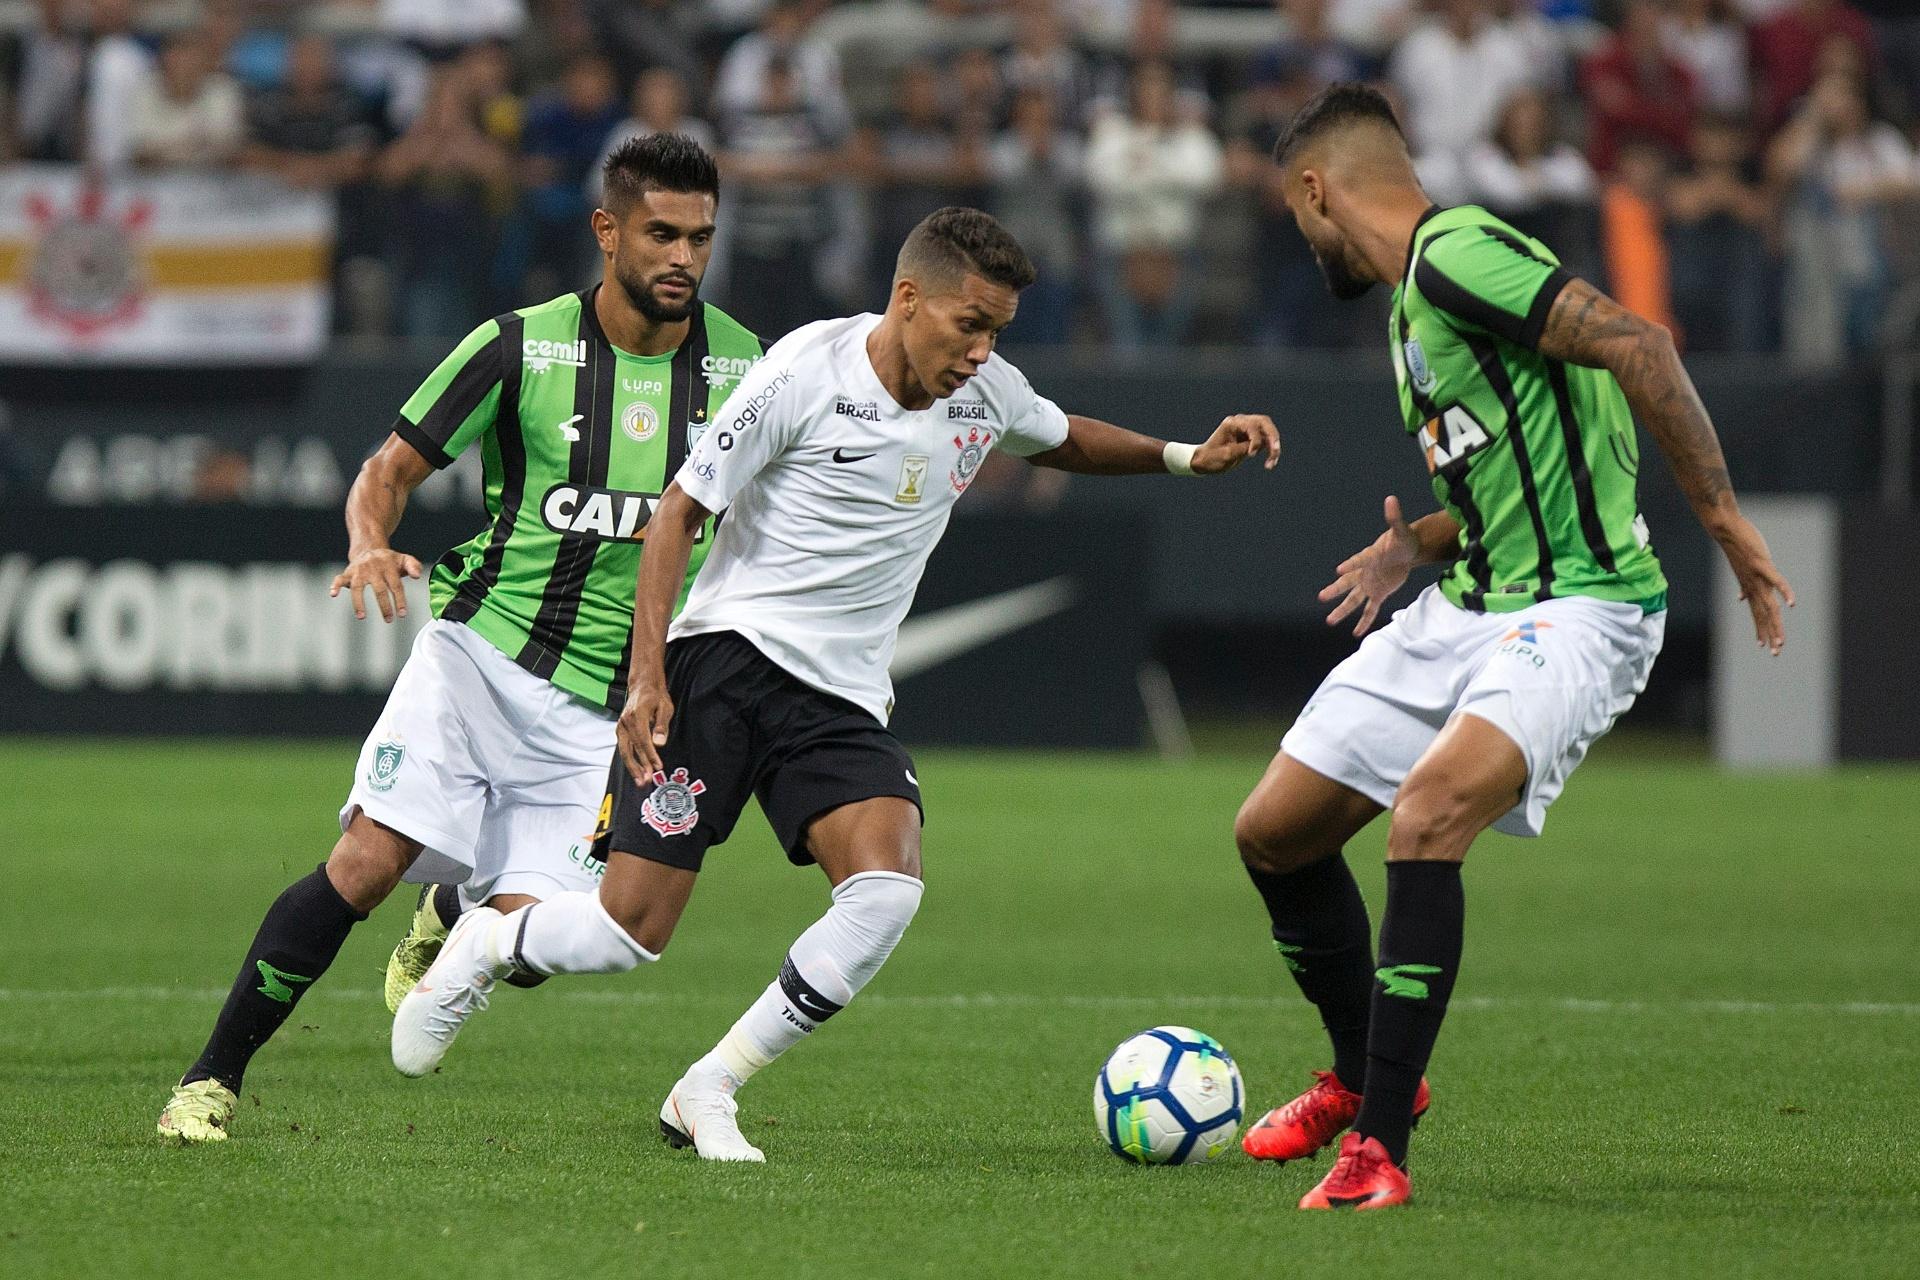 De volta ao G-4  Corinthians supera o América-MG e vence a 1ª com Loss -  31 05 2018 - UOL Esporte 839f252b64322